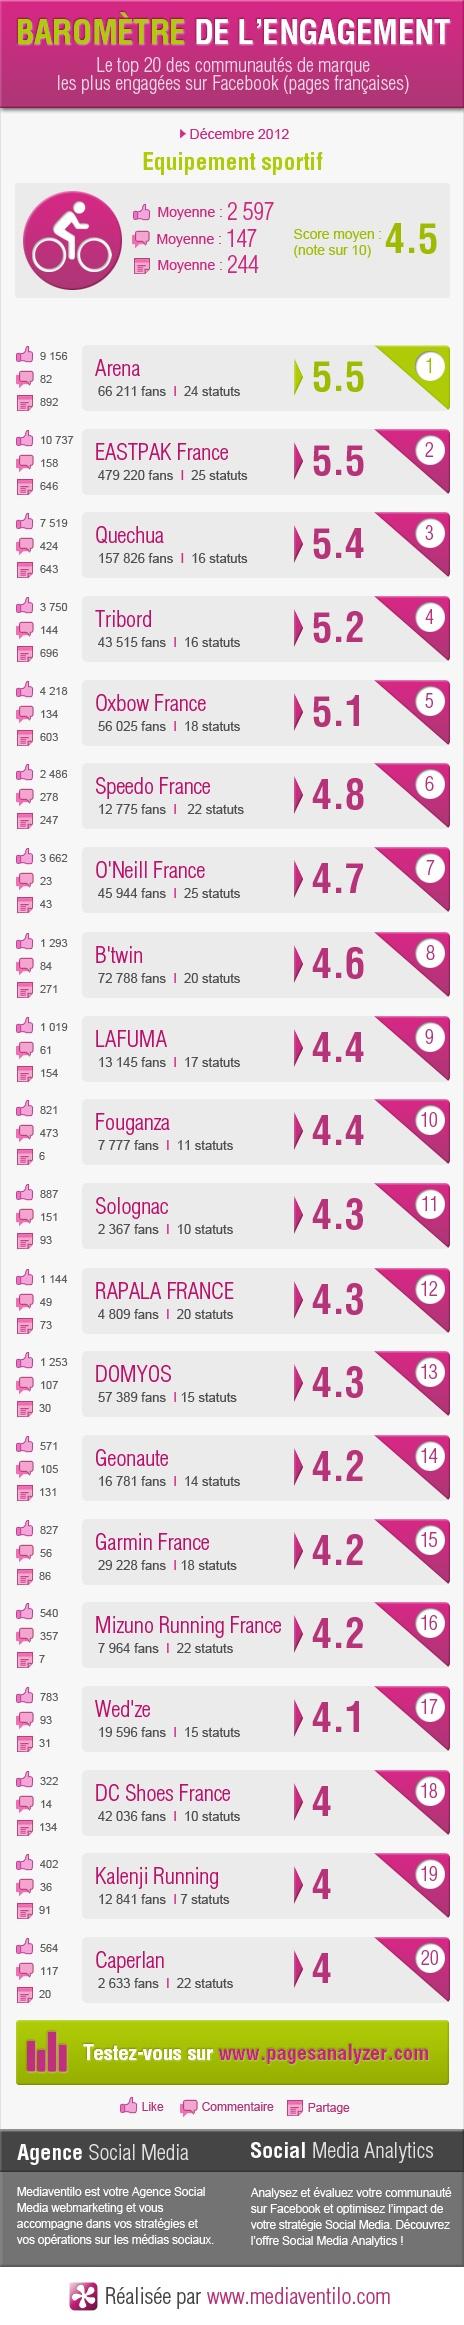 Baromètre de l'engagement des marques d'équipements sportifs (décembre 2012)